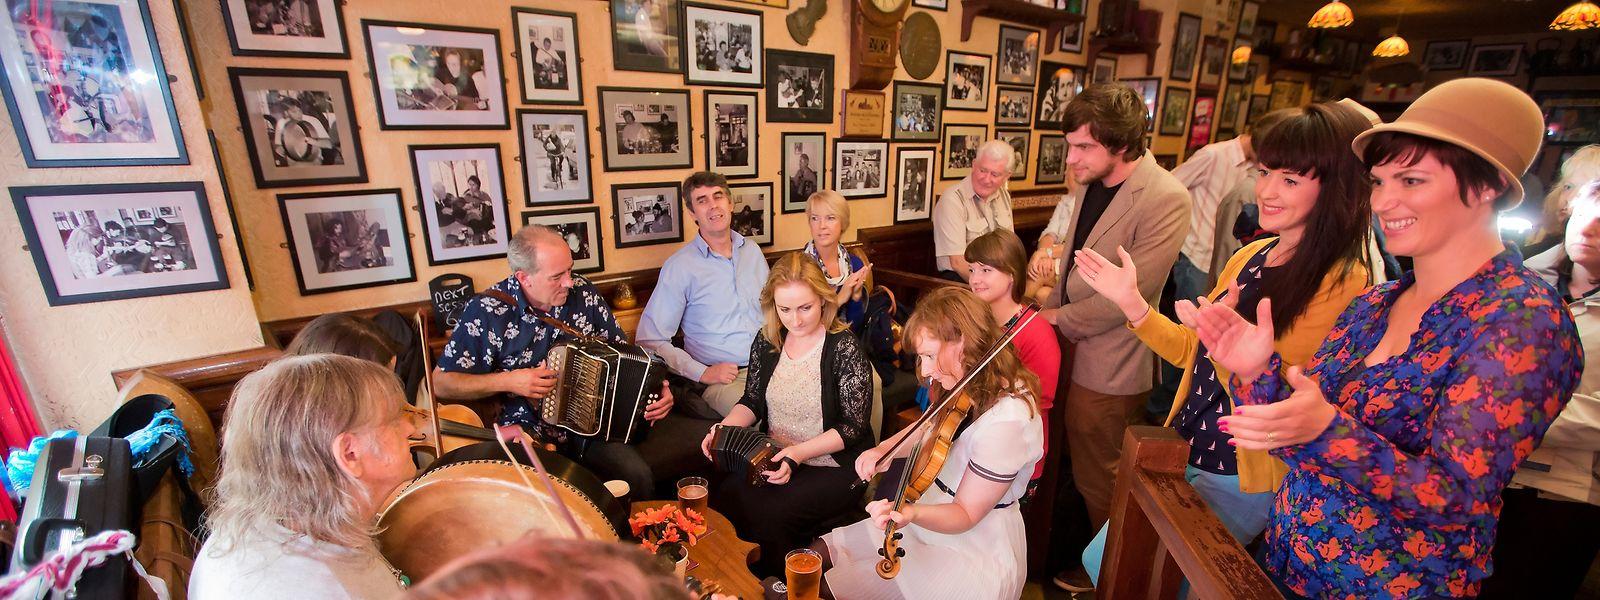 Im Pub geht's ab: Galway steht für gelebten Gemeinschaftssinn.